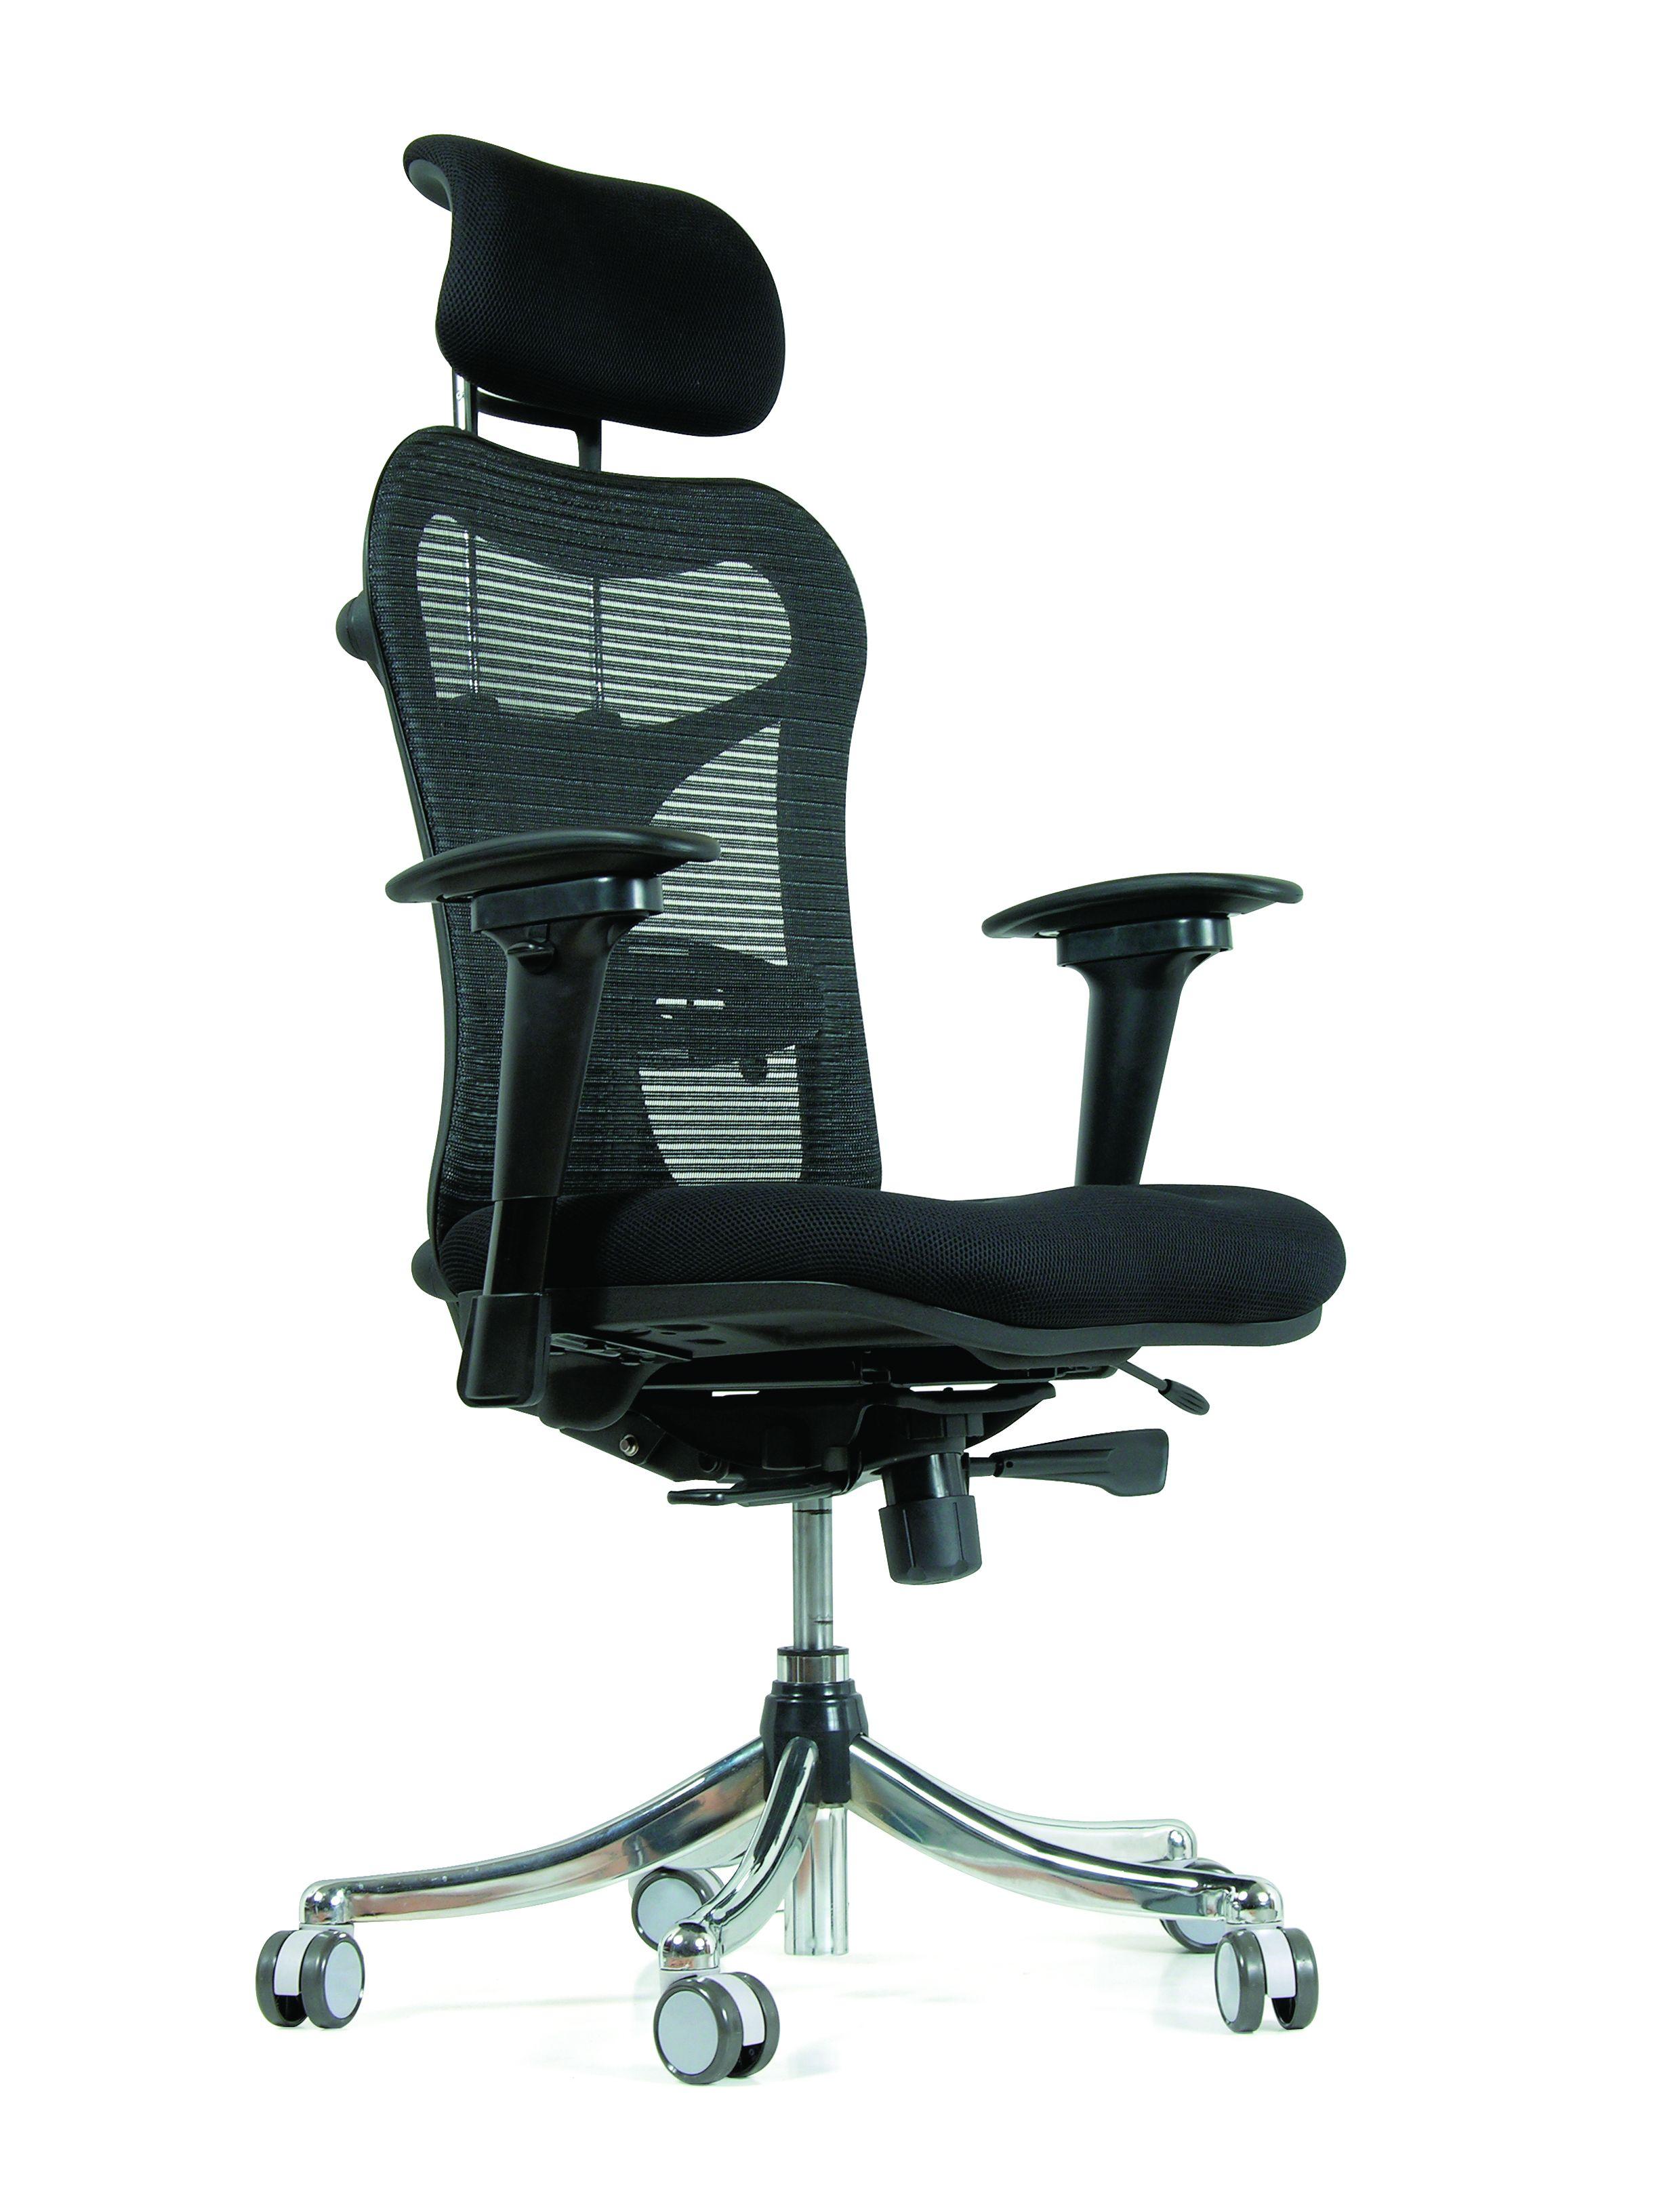 Biuro kėdė SANTA CLARA 769